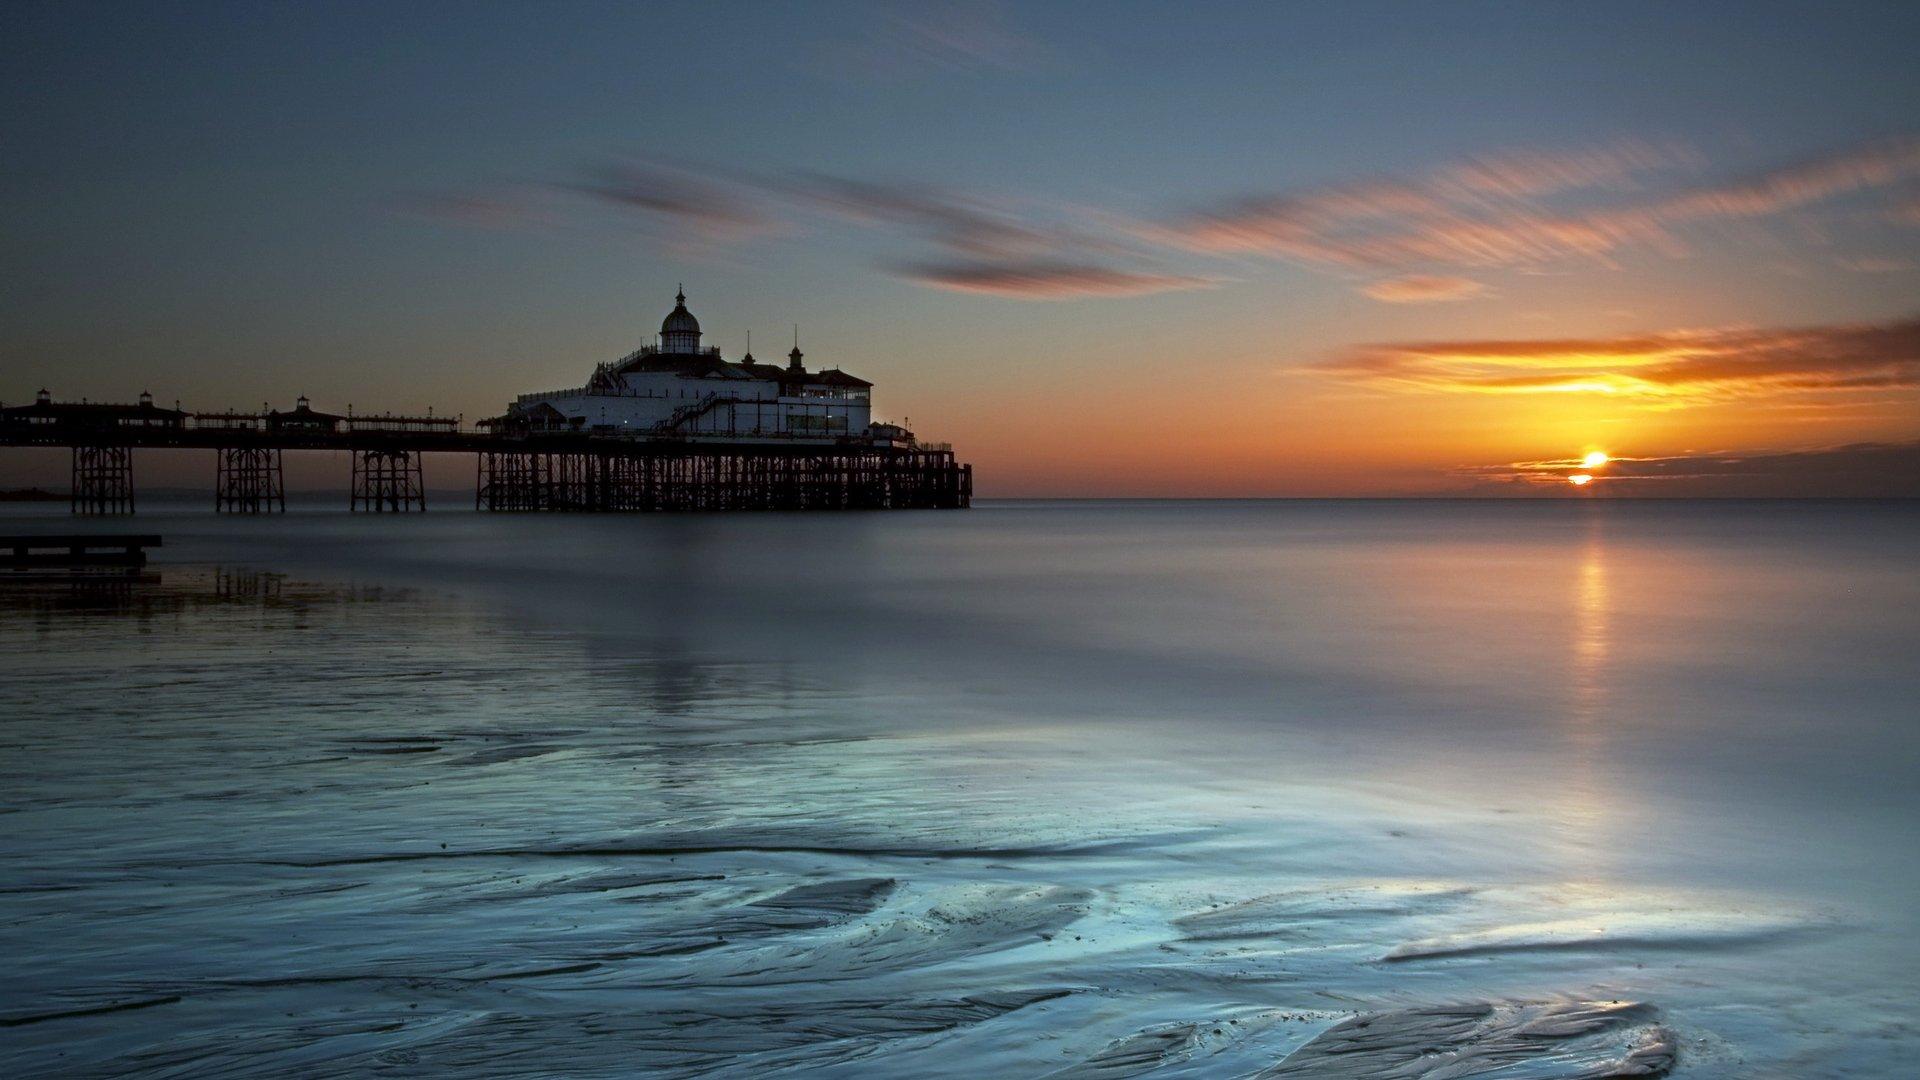 Klicke auf die Grafik für eine größere Ansicht  Name:England_Eastbourne_sea_sunset_landscape_beaches_ocean_1920x1080.jpg Hits:343 Größe:220,2 KB ID:78710